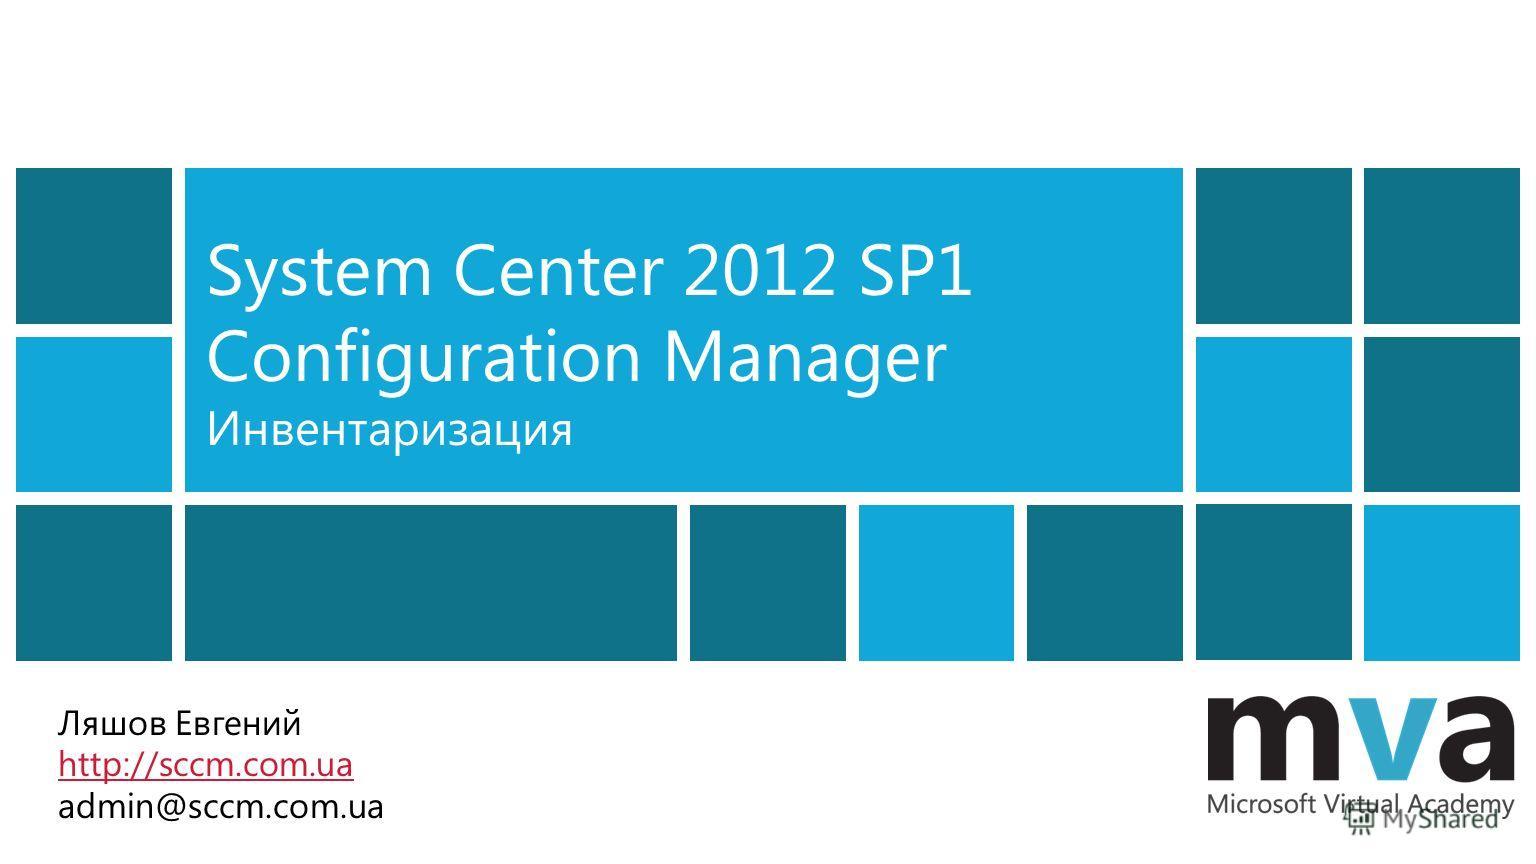 System Center 2012 SP1 Configuration Manager Инвентаризация Ляшов Евгений http://sccm.com.ua admin@sccm.com.ua